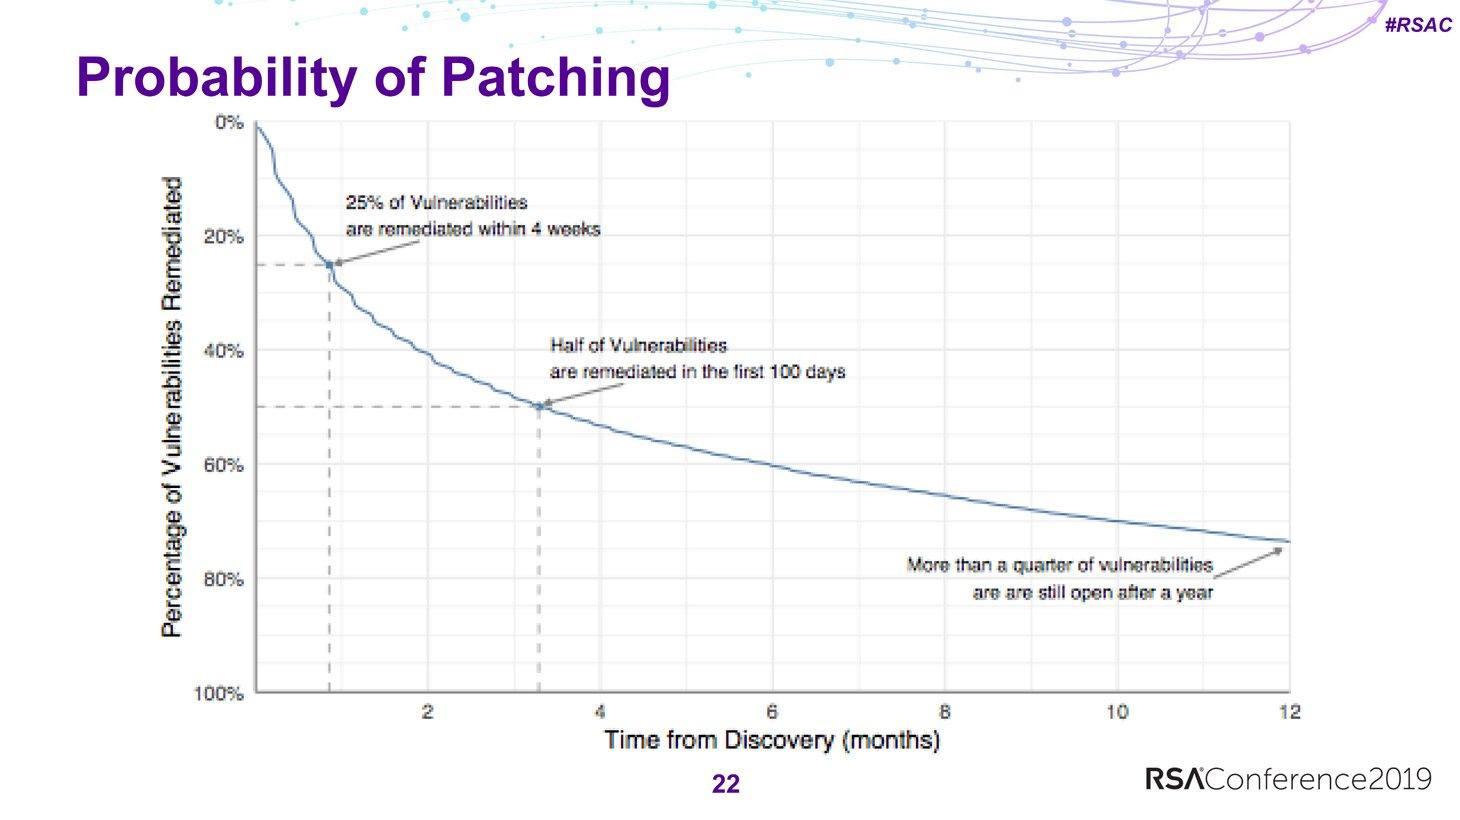 Gemiddeld zijn er nog een kwart van de kwetsbaarheden niet gepatcht een jaar nadat de patch is uitgebracht